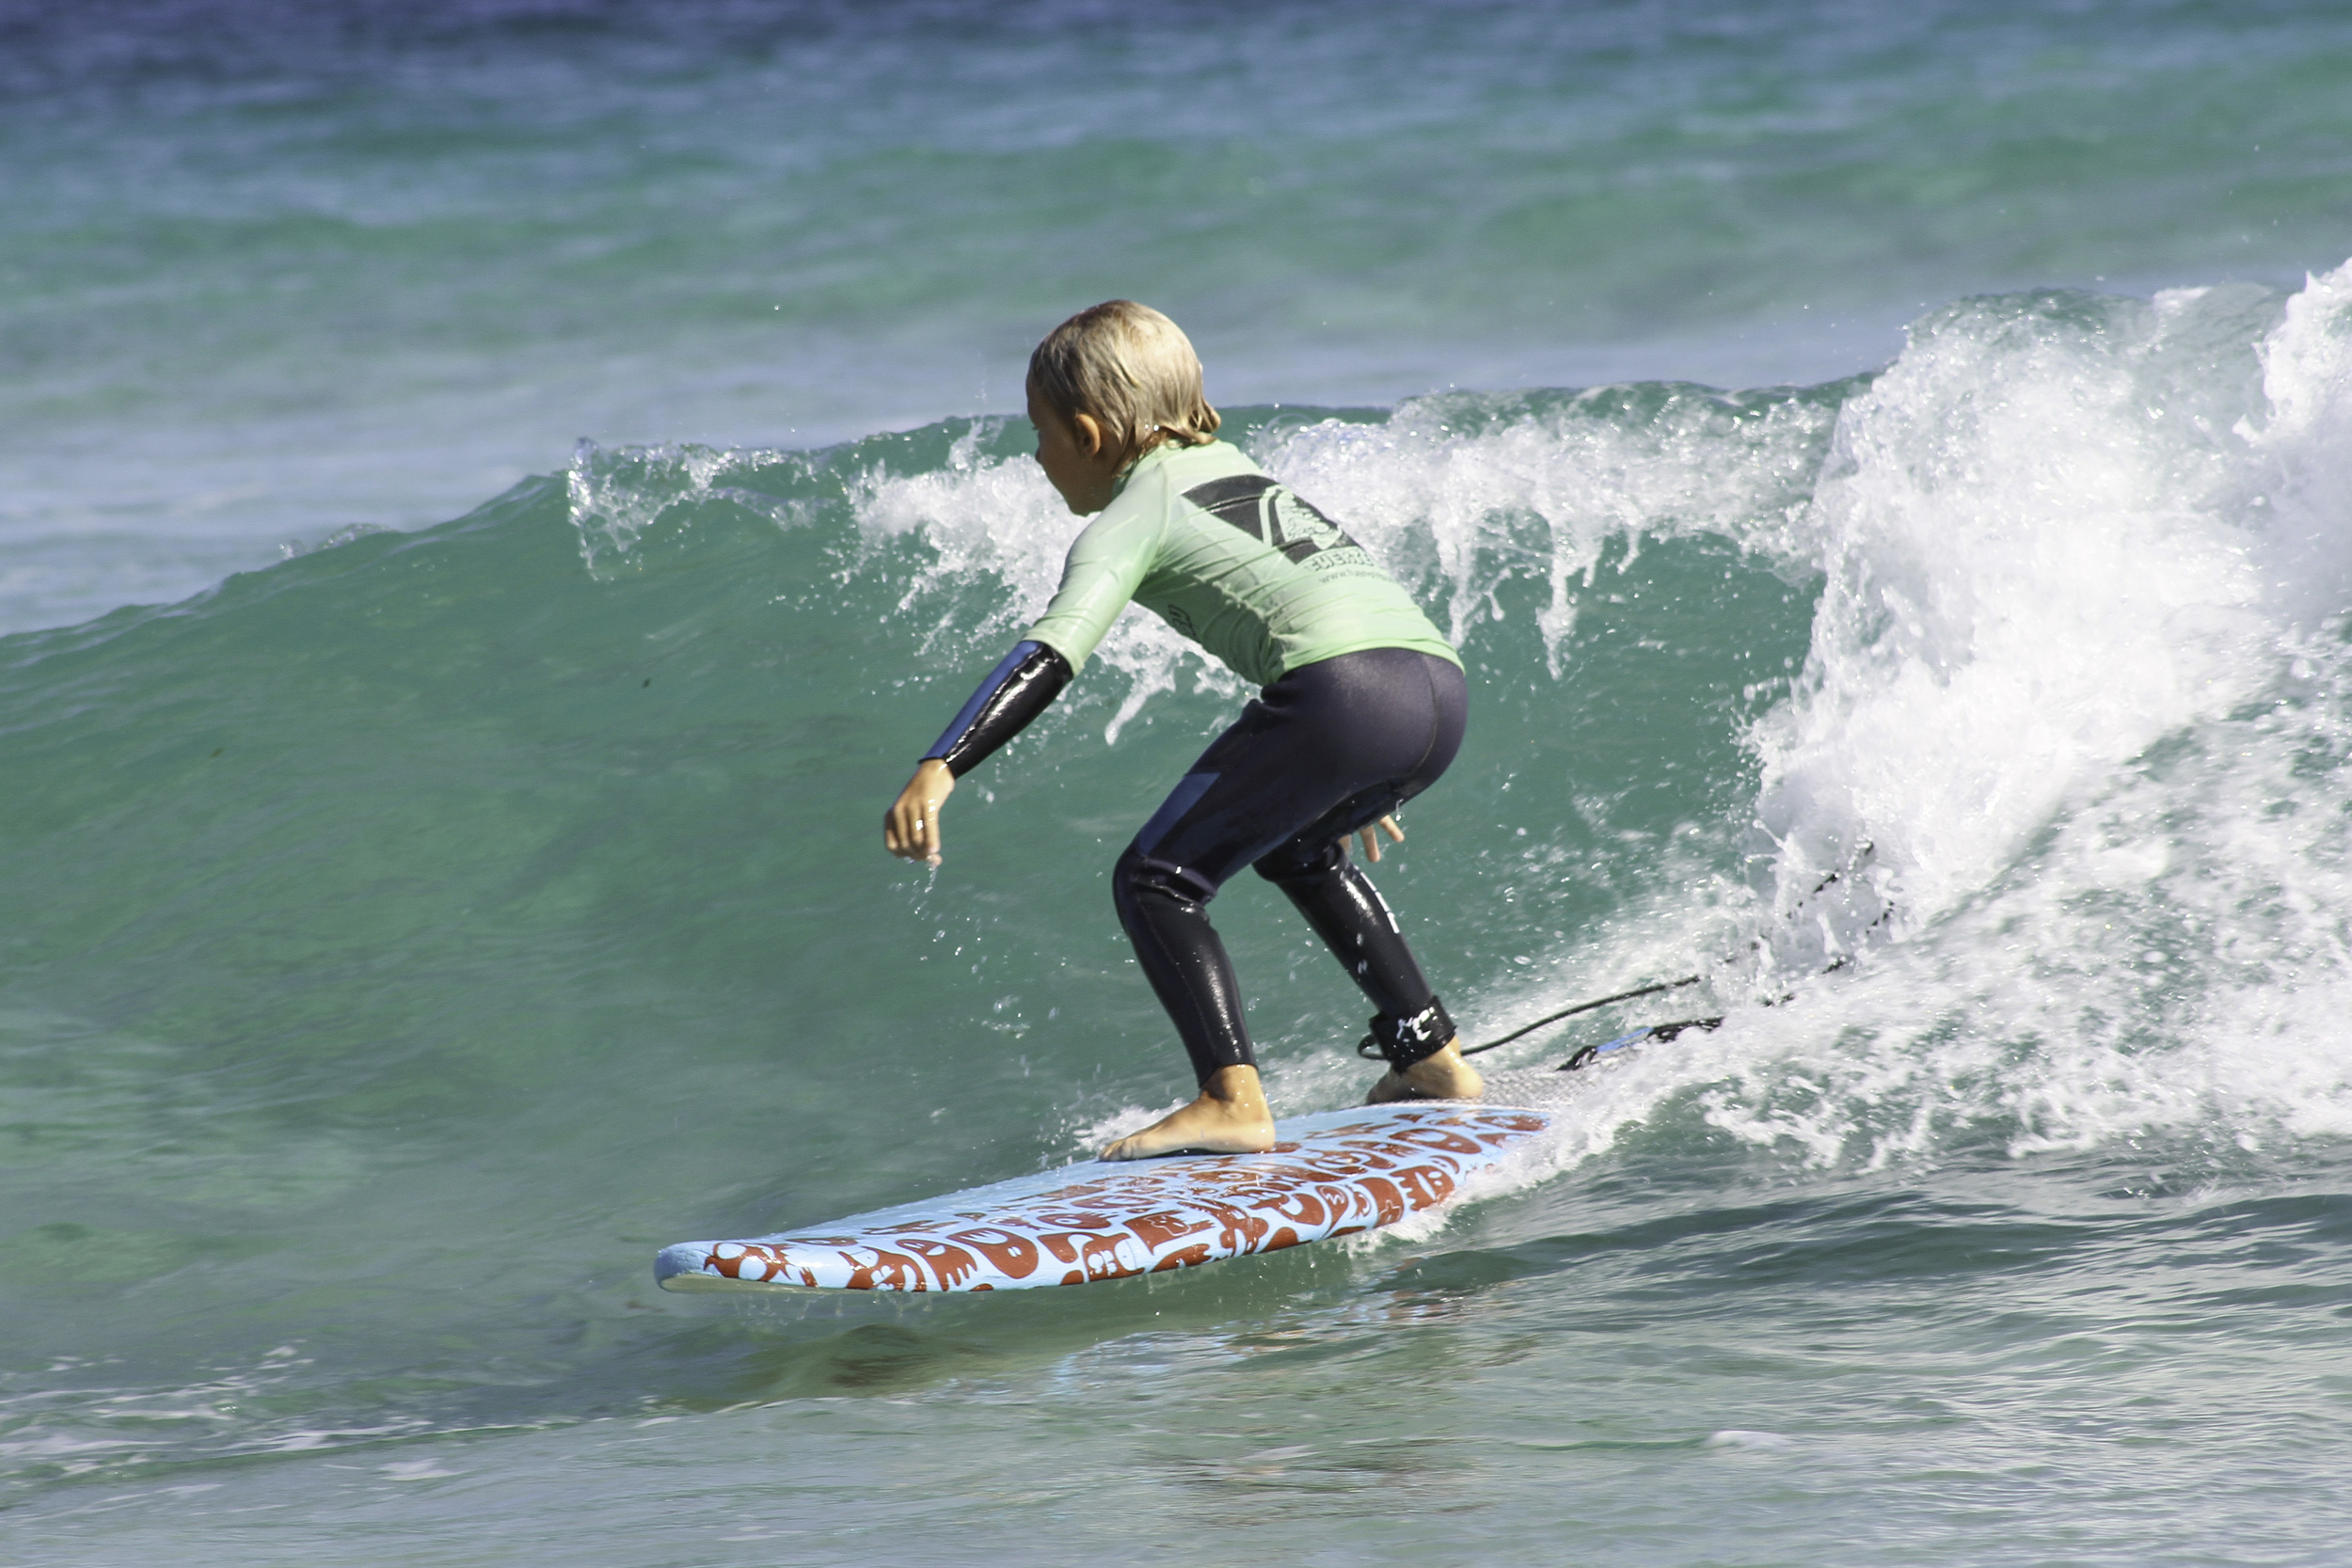 Fuerte tribu surf niños